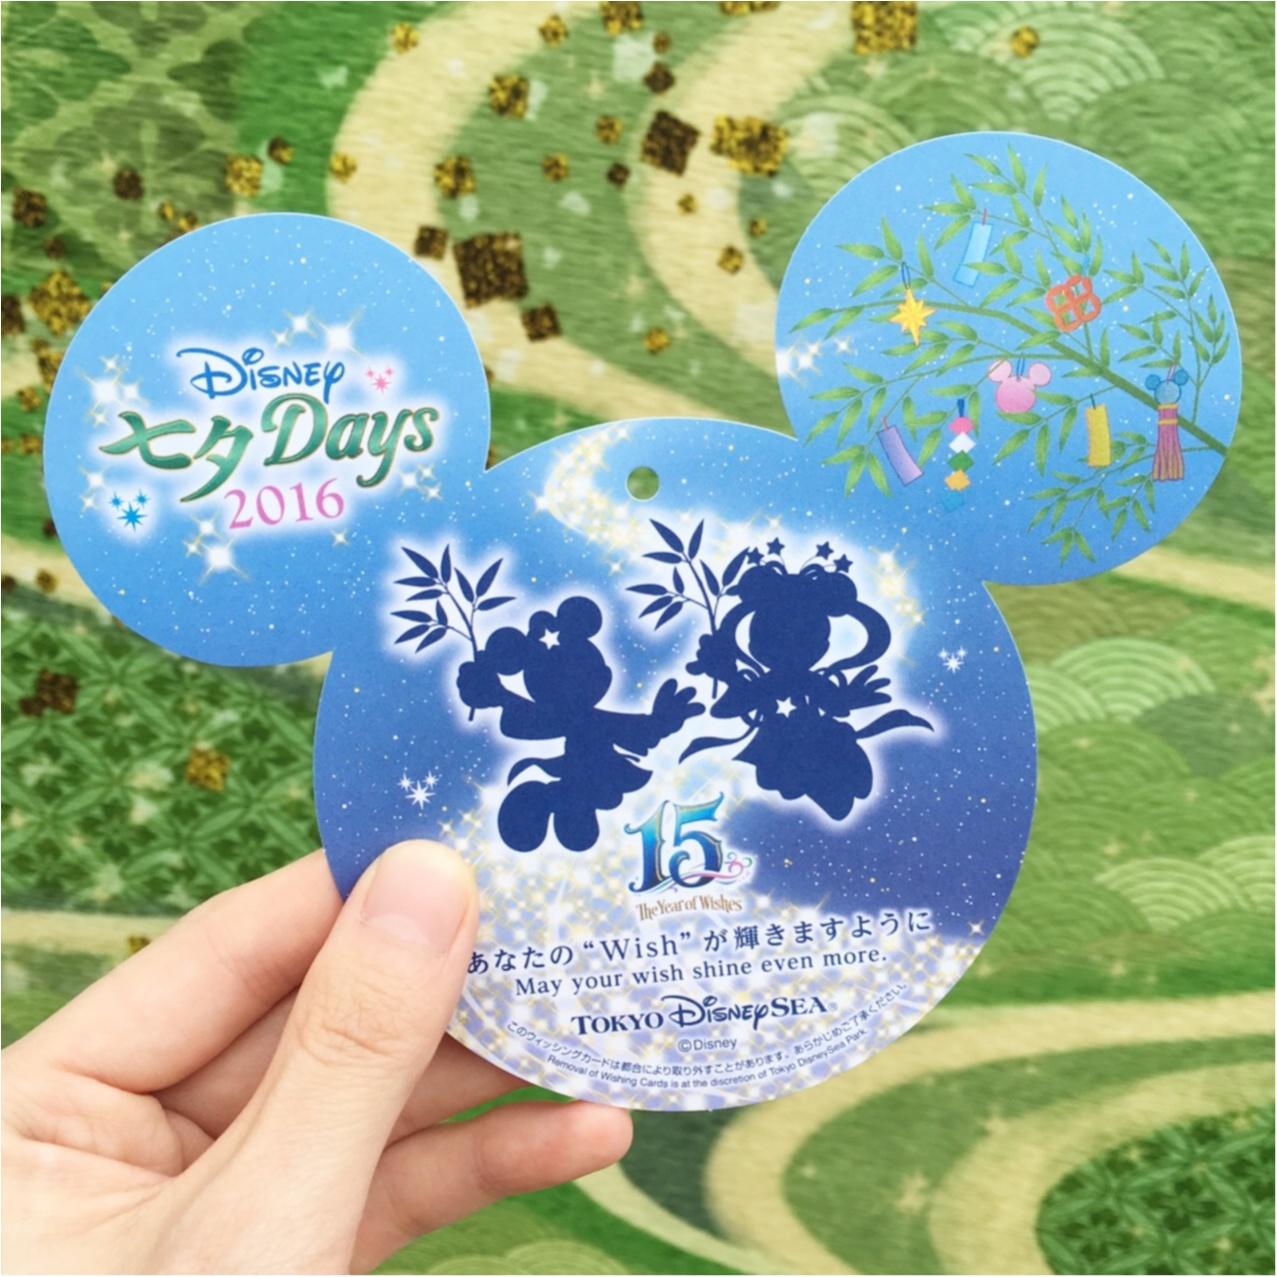 【期間限定】ディズニー七夕デイズ完全攻略♡限定グッズの情報もCHECK!_6